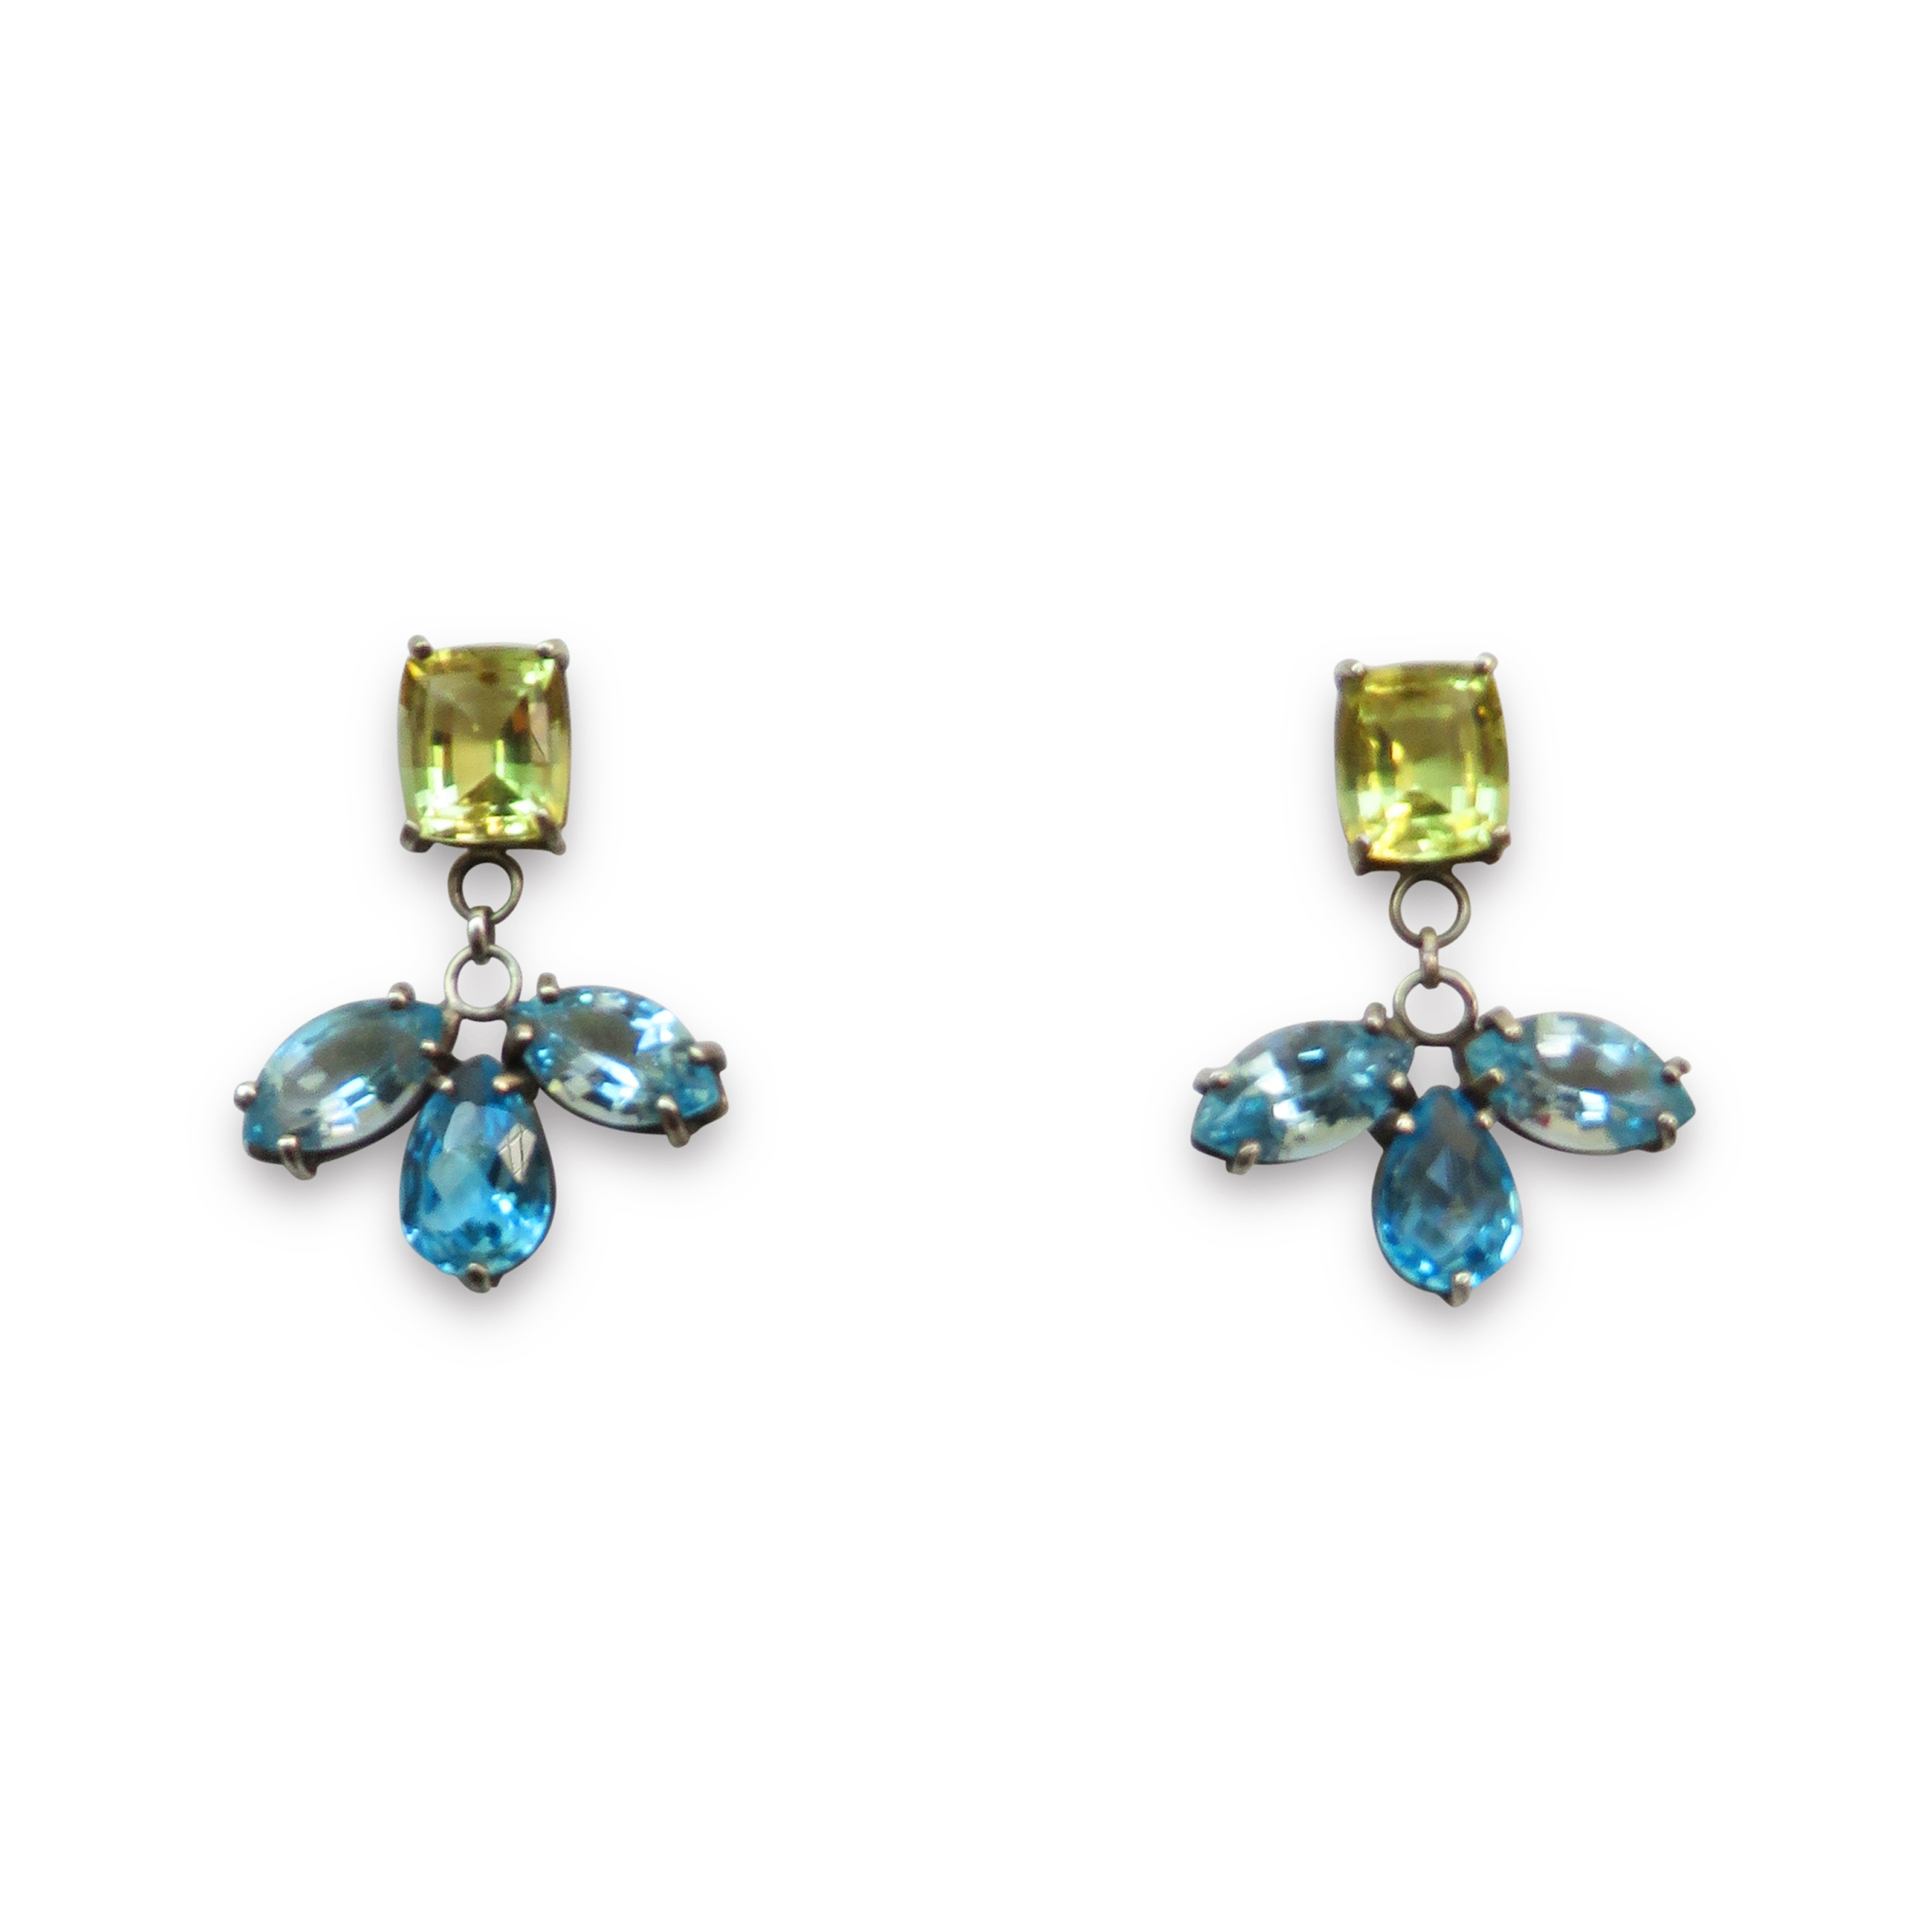 ISABEL ENGLEBERT Eternity Drop Earrings